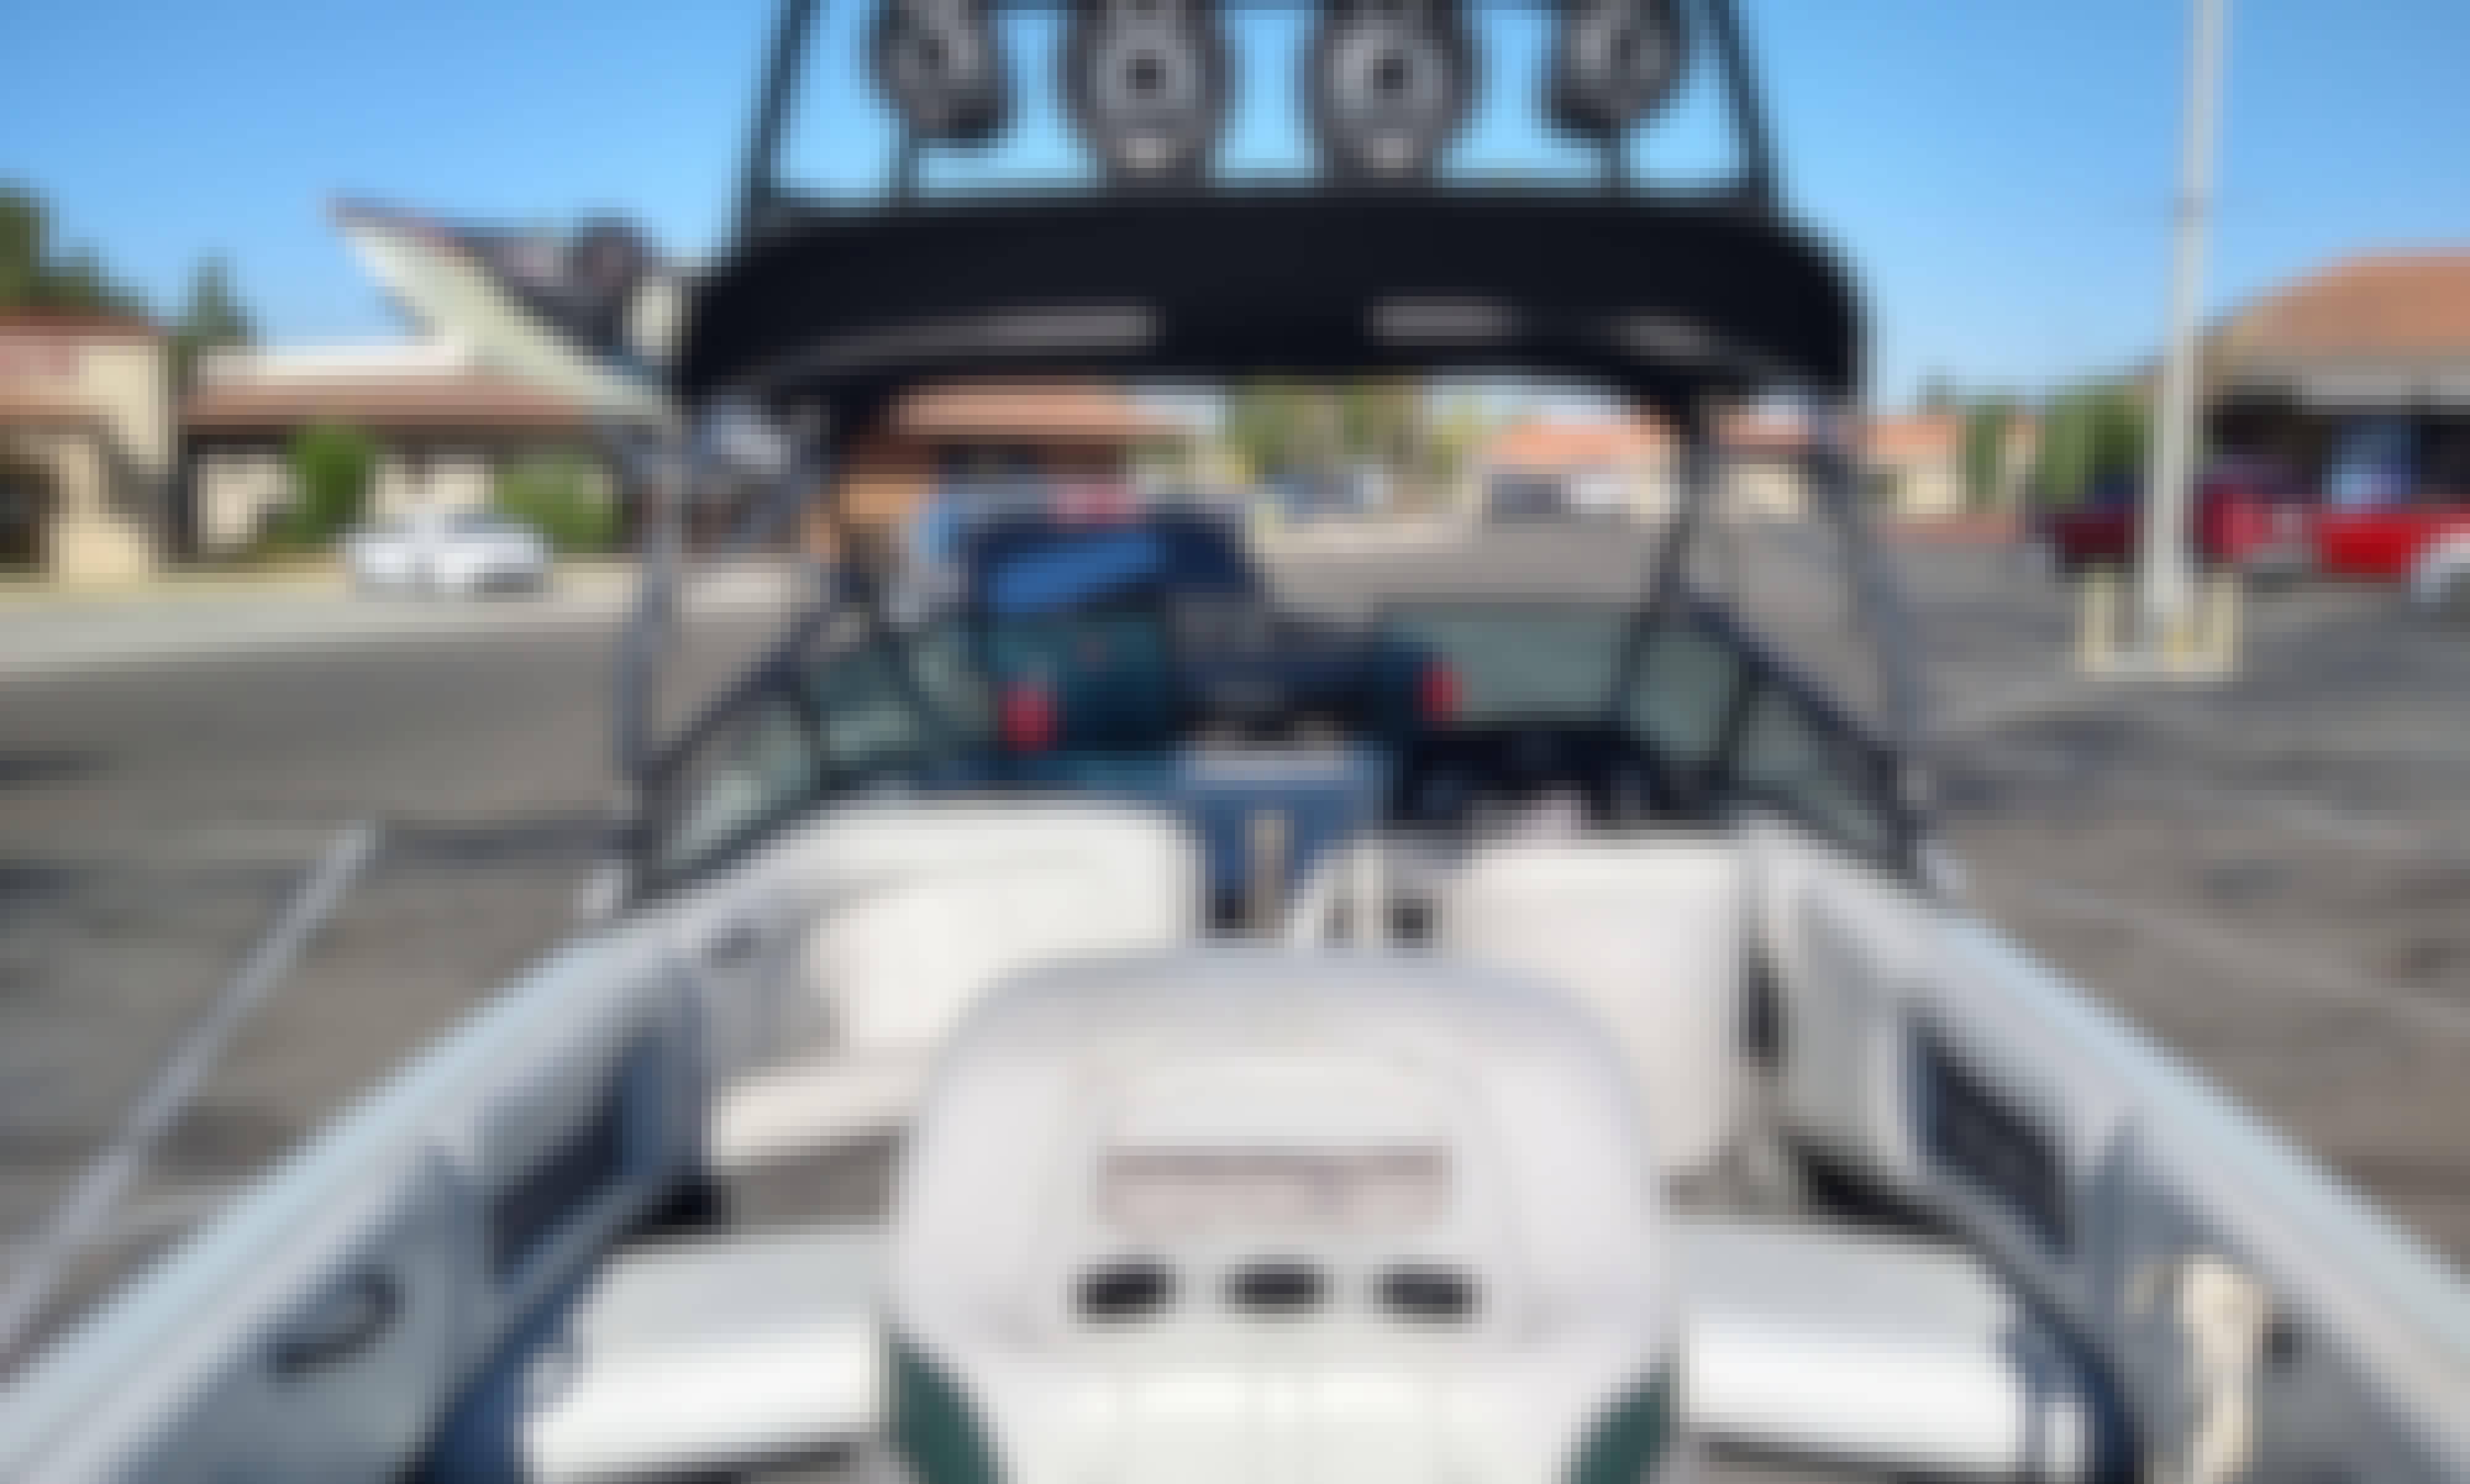 Calabria Cal-Air V-drive Wakesurf Boat on Canyon Lake